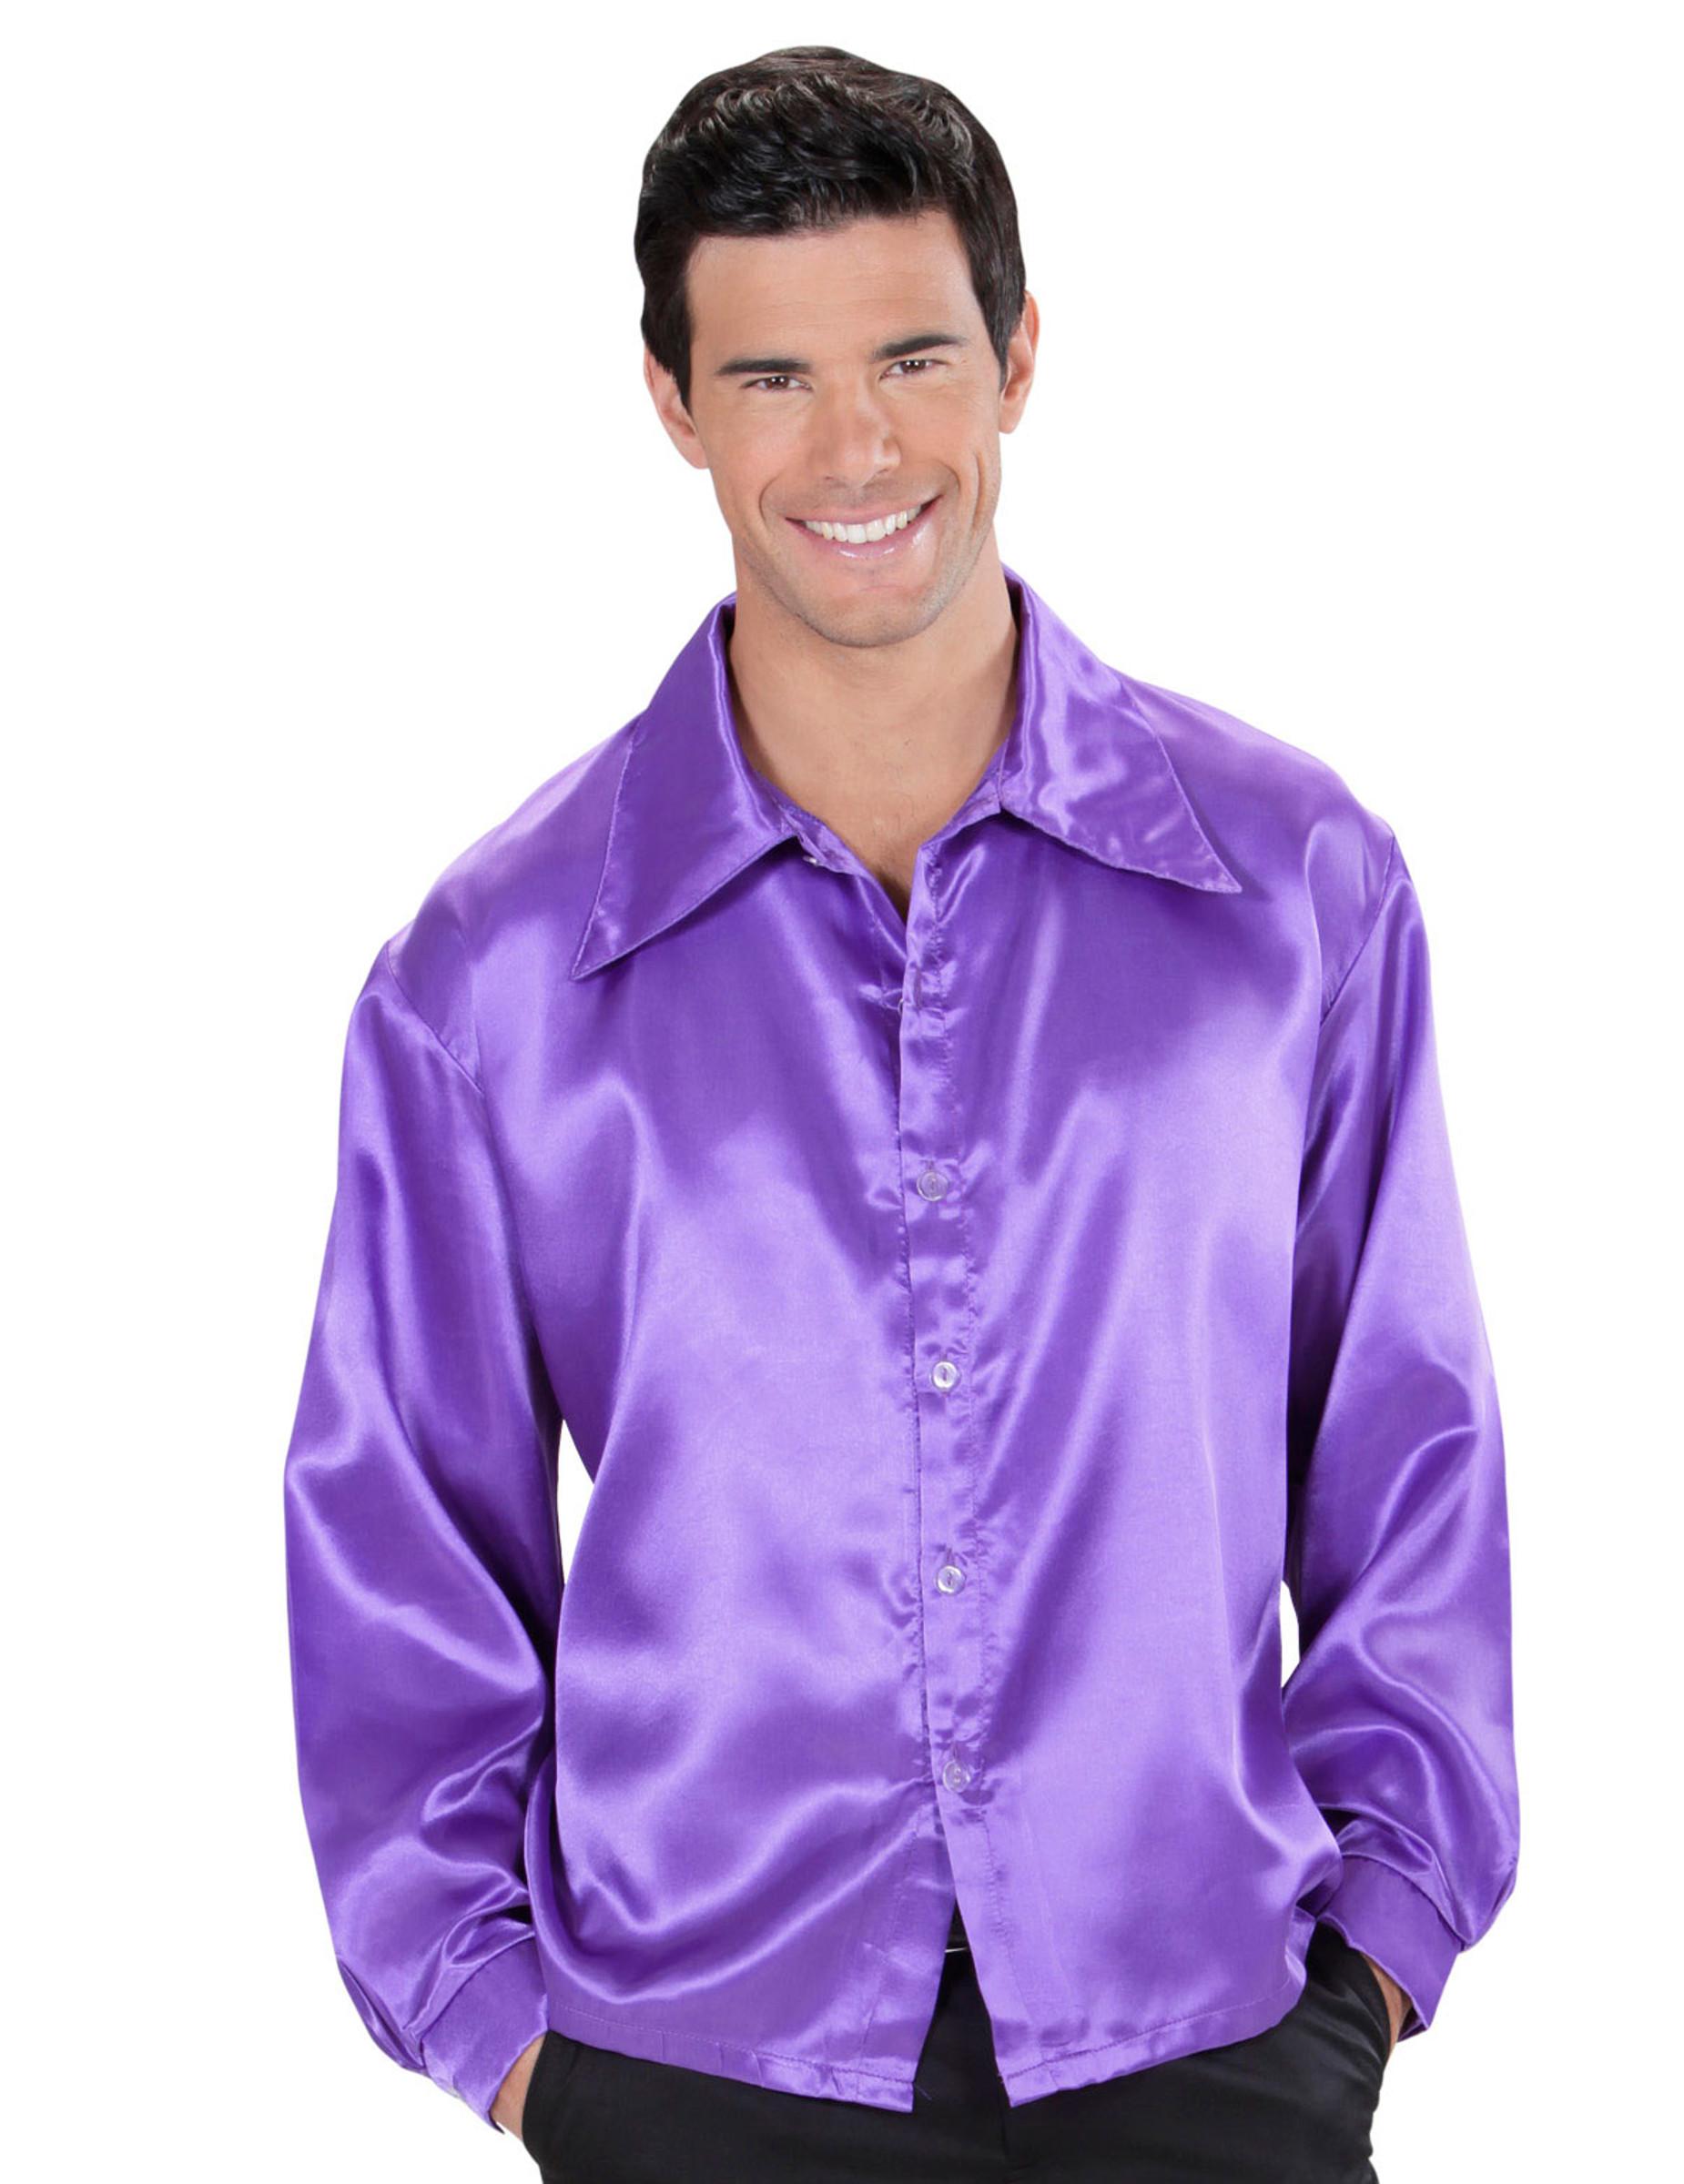 satijnachtige paarse blouse voor mannen volwassenen kostuums en goedkope carnavalskleding vegaoo. Black Bedroom Furniture Sets. Home Design Ideas